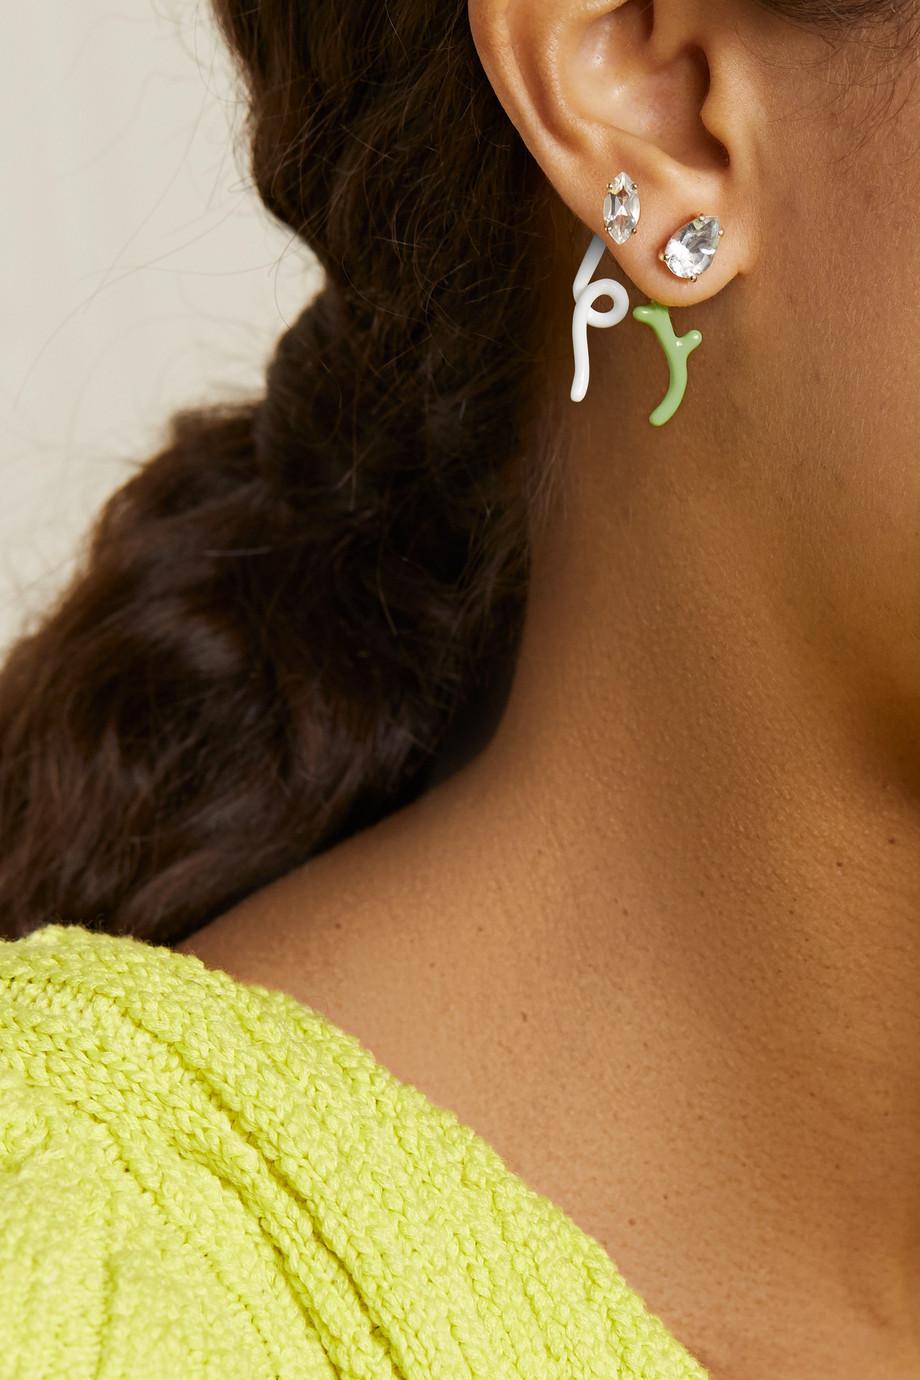 Bea Bongiasca Foxy Ohrring aus Silber mit Emaille, Bergkristall und Details aus 9 Karat Gold